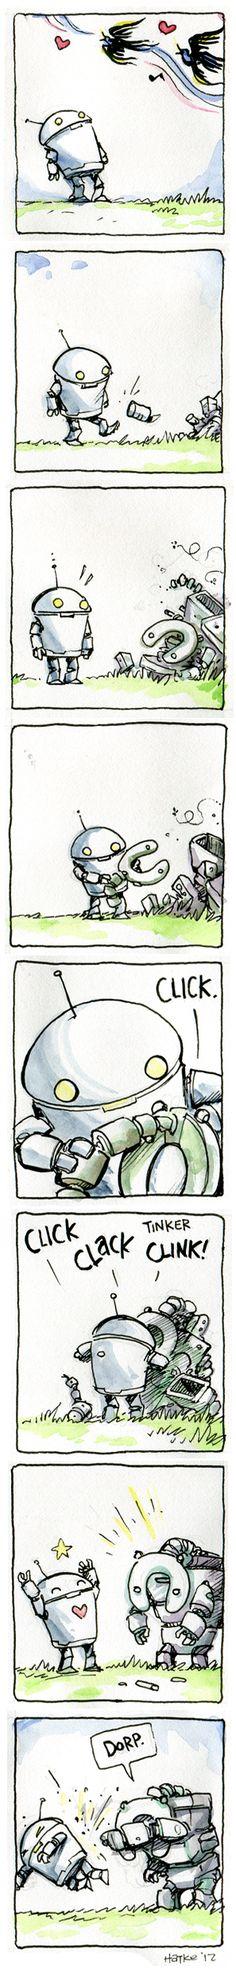 Art and Adventure: Robot Comic #24 by Ben Hatke